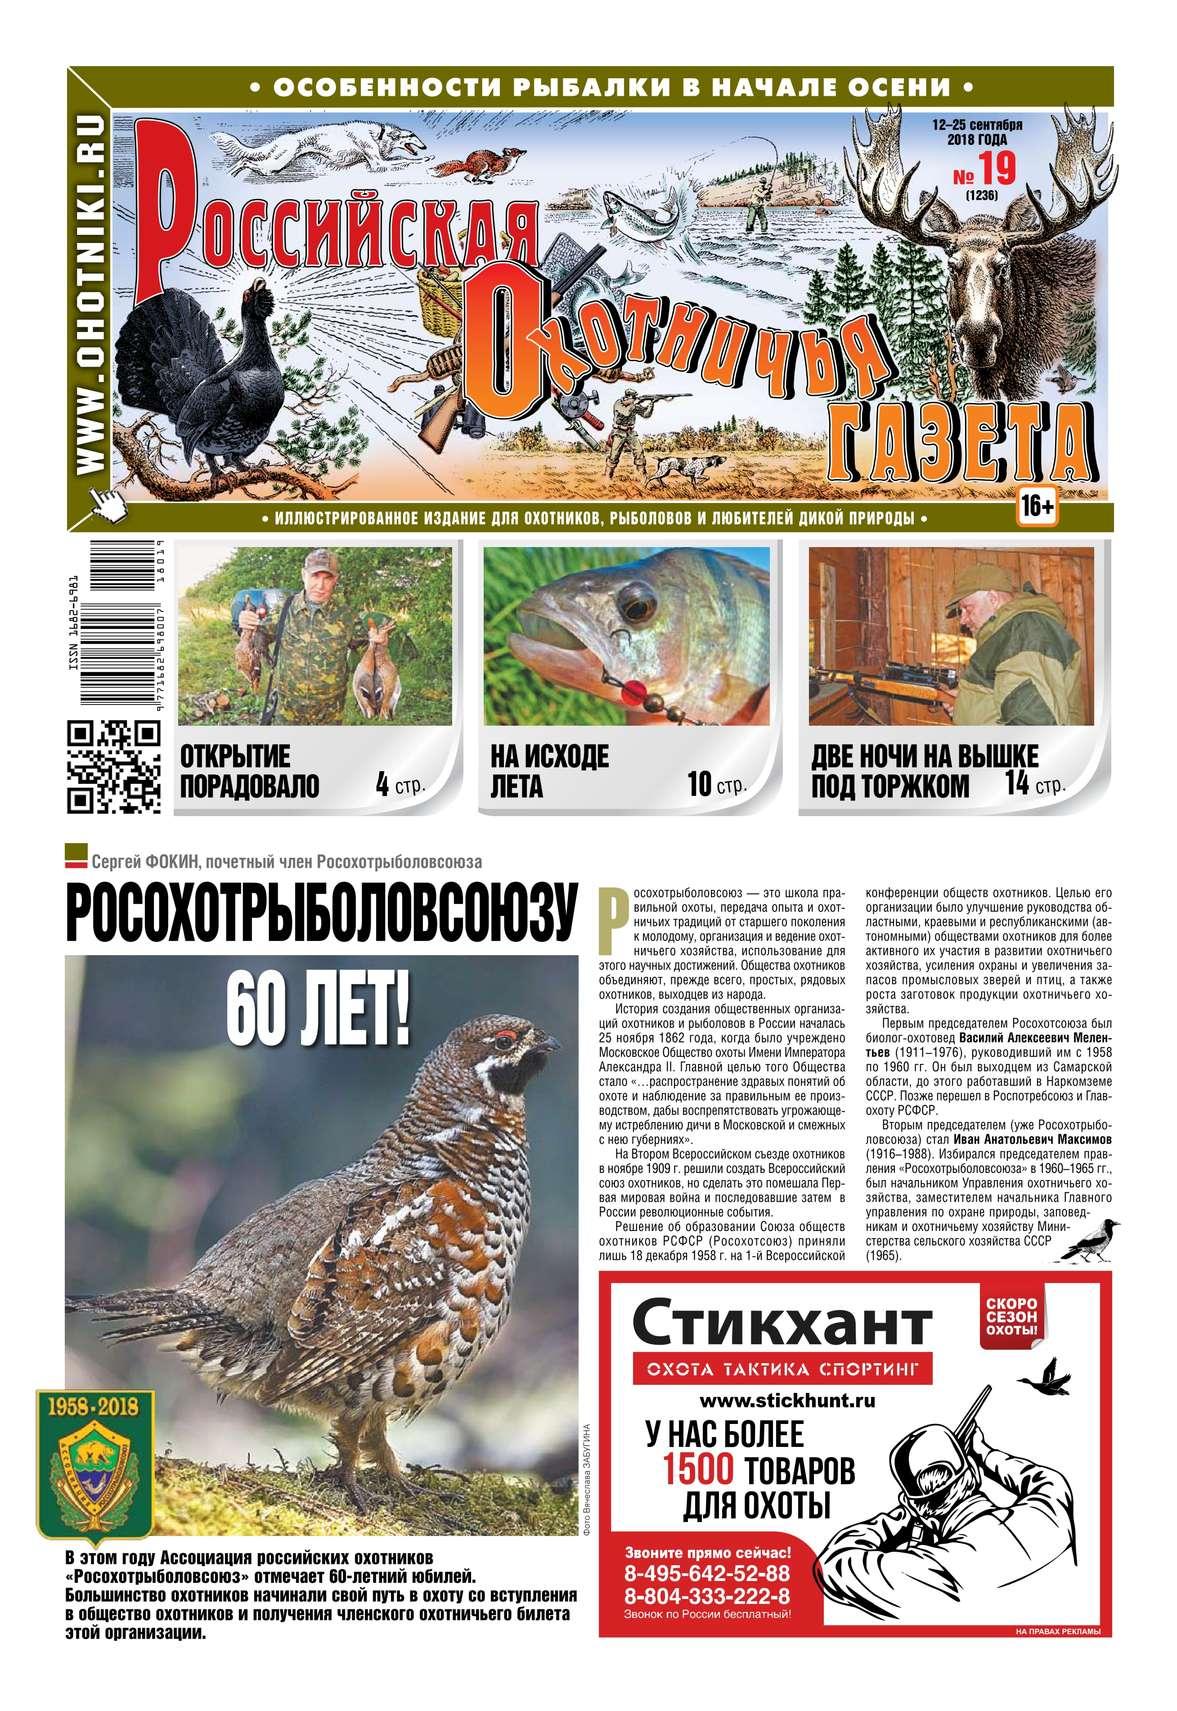 Редакция газеты Российская Охотничья Газета Российская Охотничья Газета 19-2018 цены